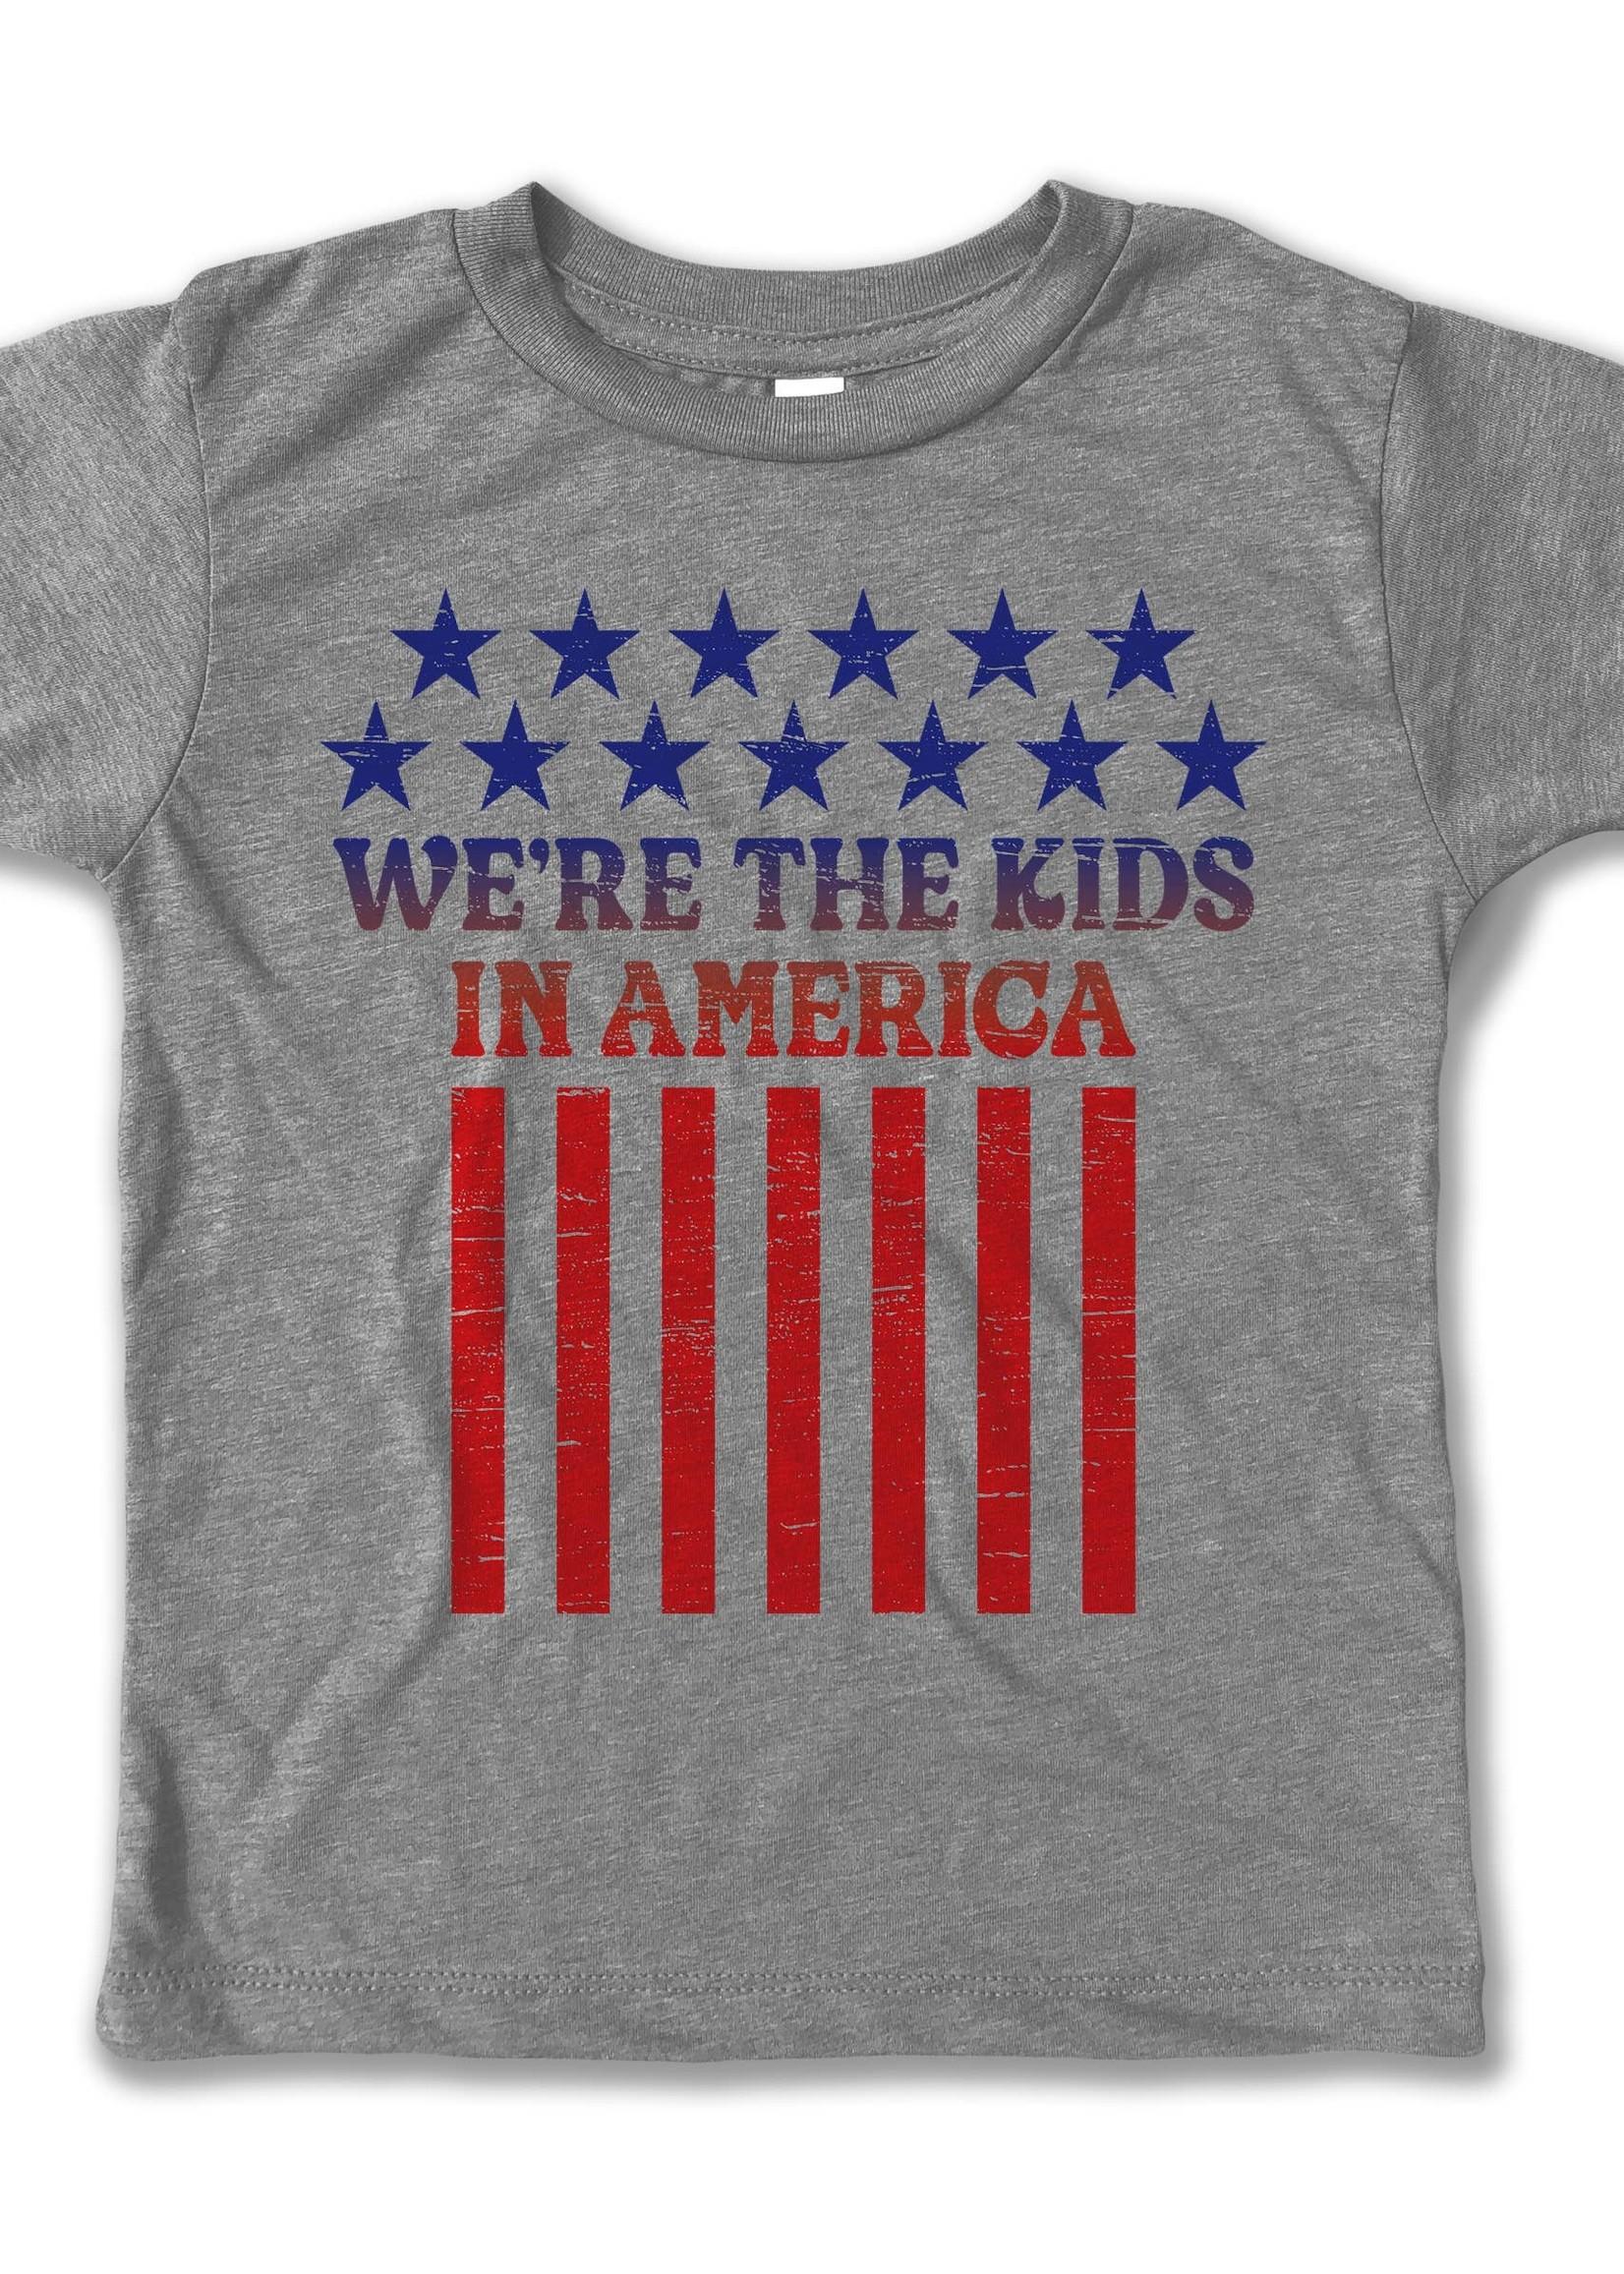 Rivet apparel We're the Kids of America Tee